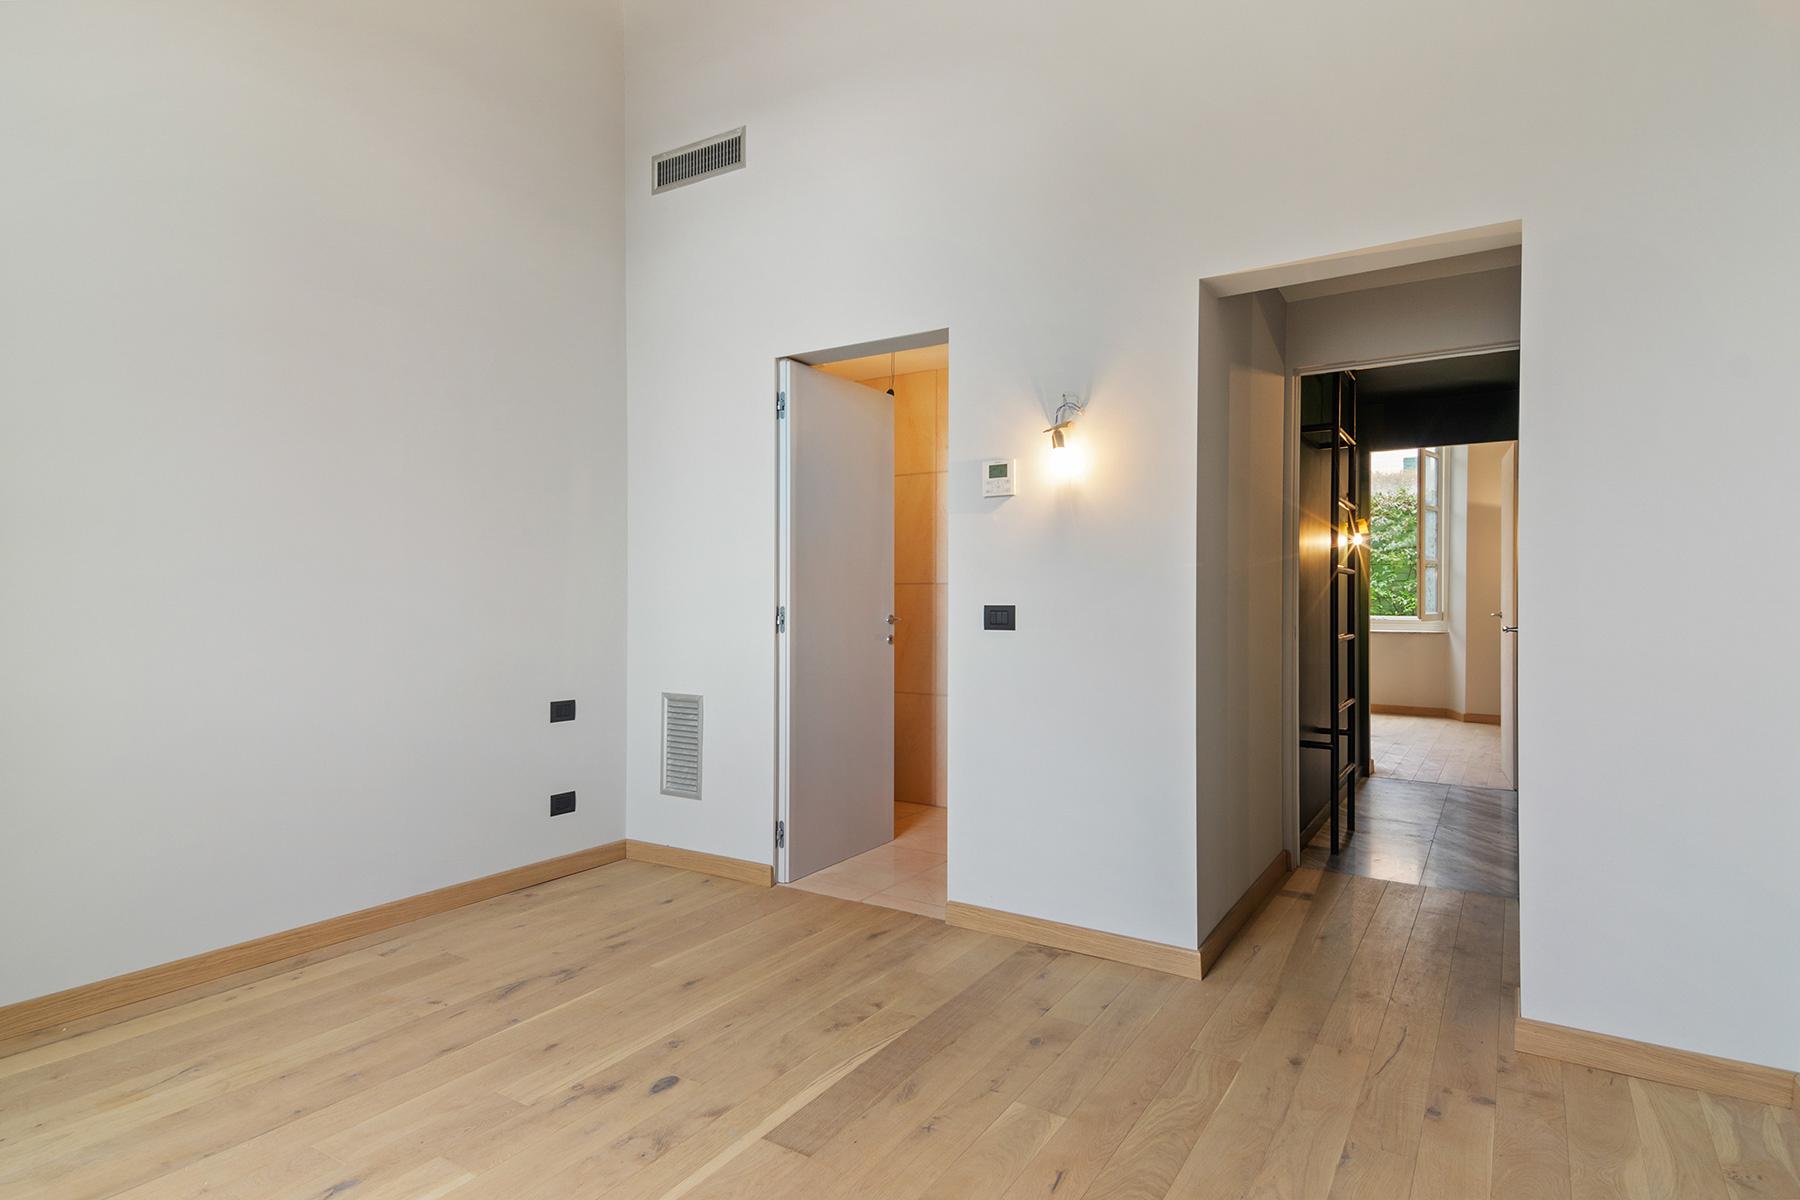 Appartamento in Vendita a Santa Margherita Ligure: 5 locali, 150 mq - Foto 10